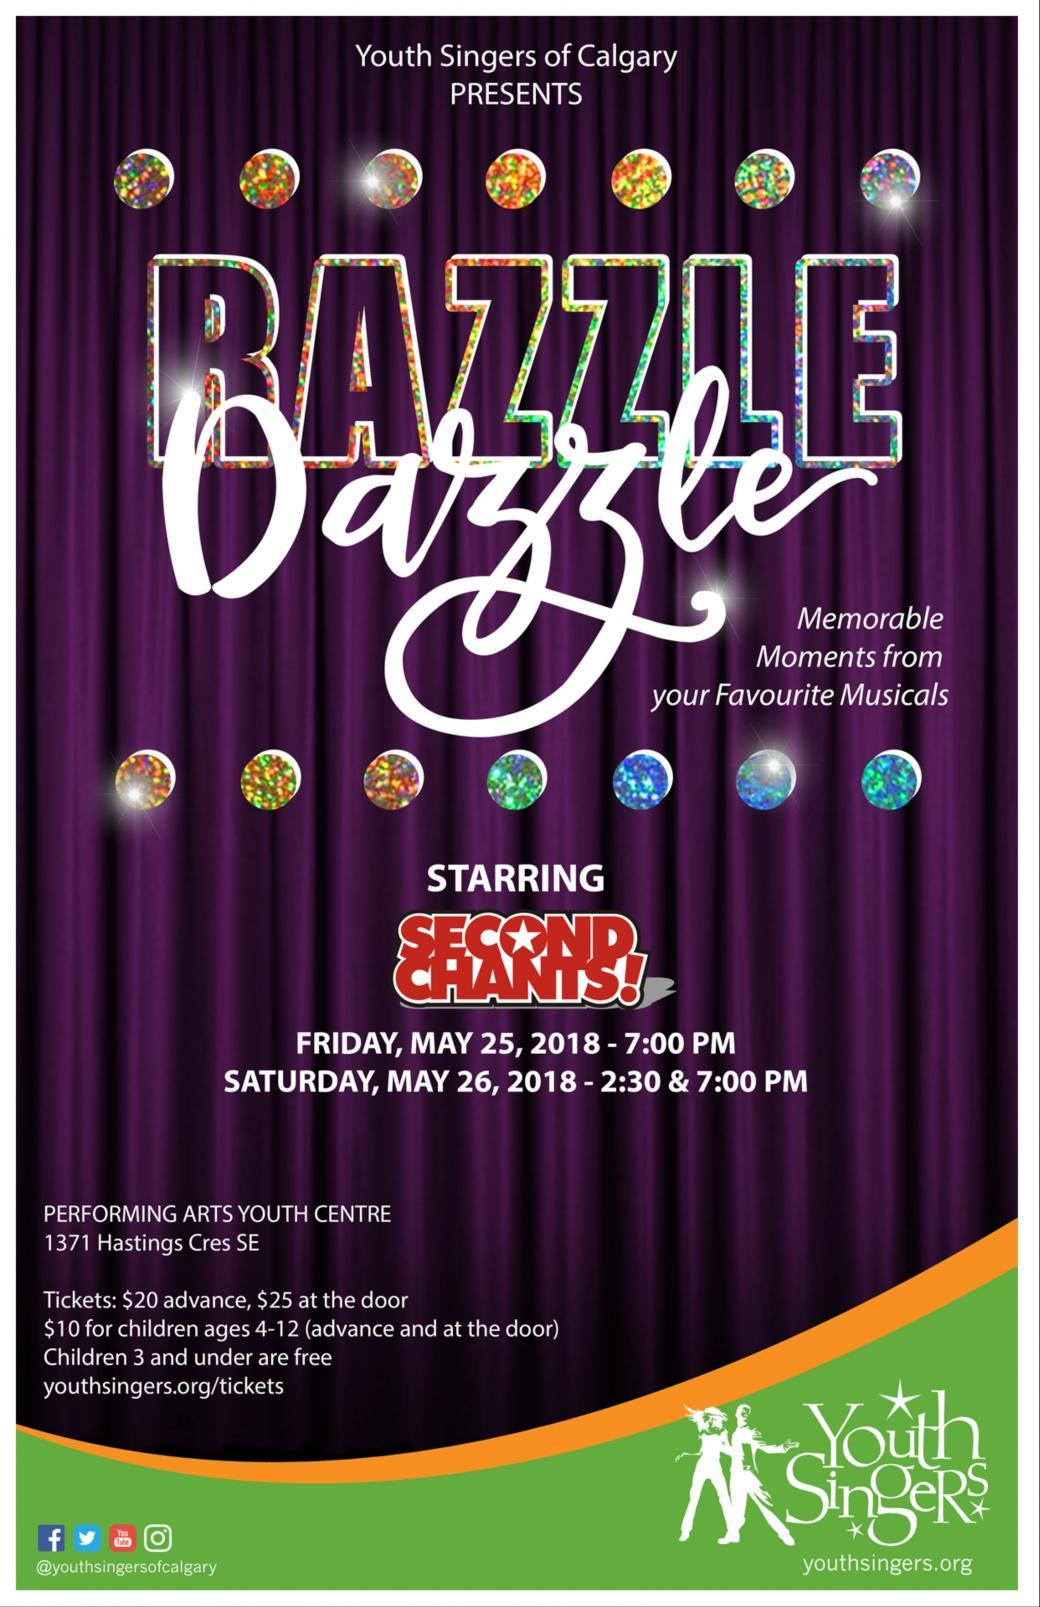 Razzle Dazzle with SECOND CHANTS